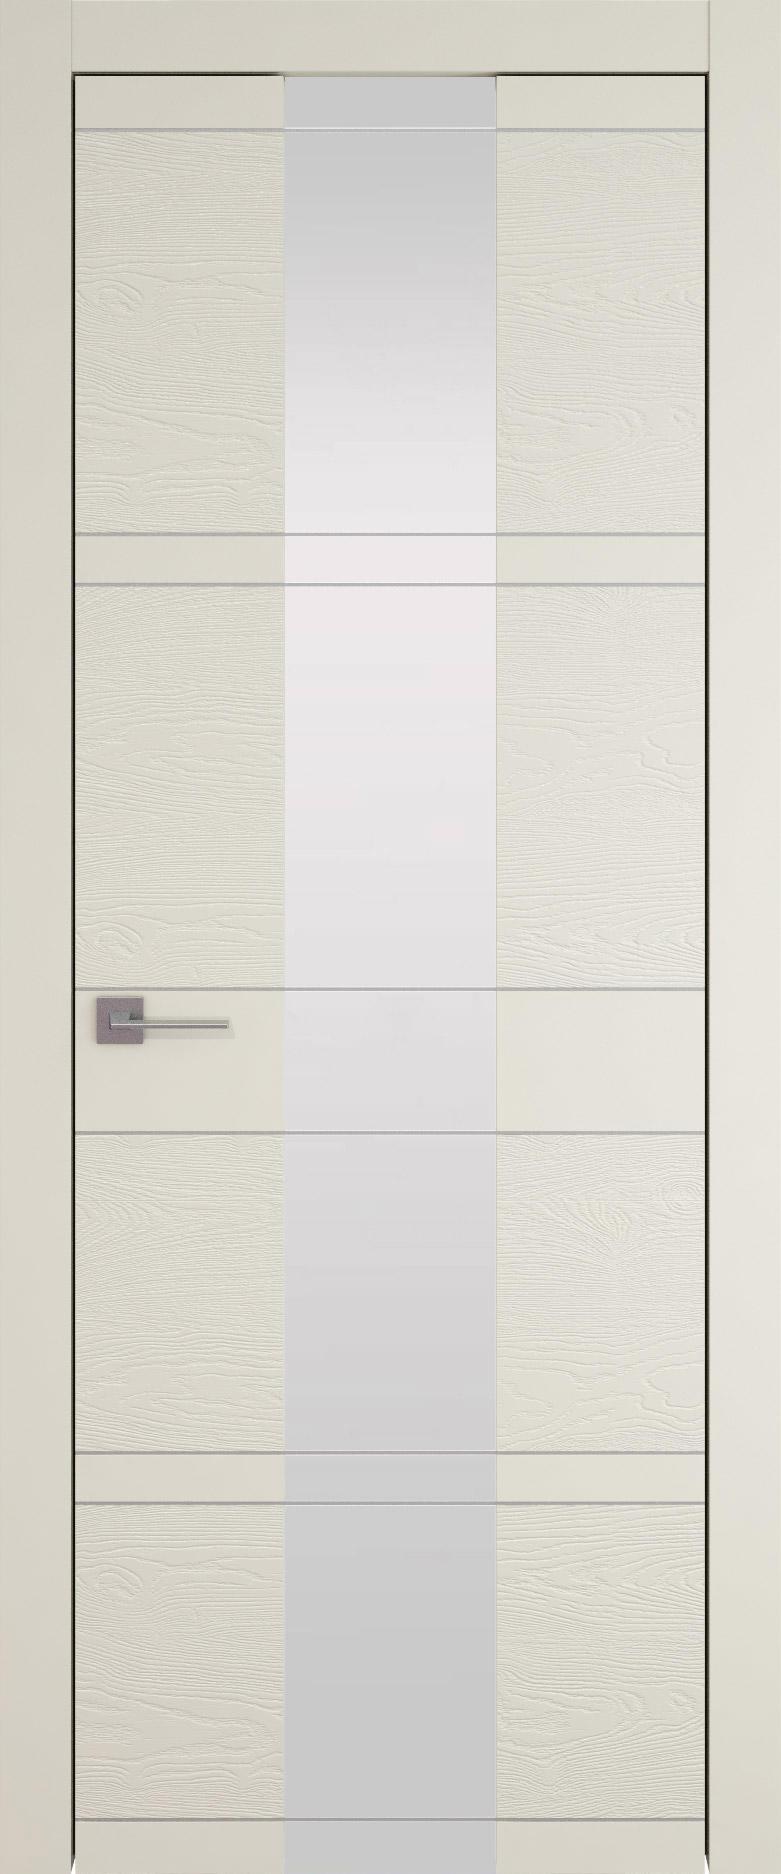 Tivoli Ж-2 цвет - Жемчужная эмаль-эмаль по шпону (RAL 1013) Со стеклом (ДО)